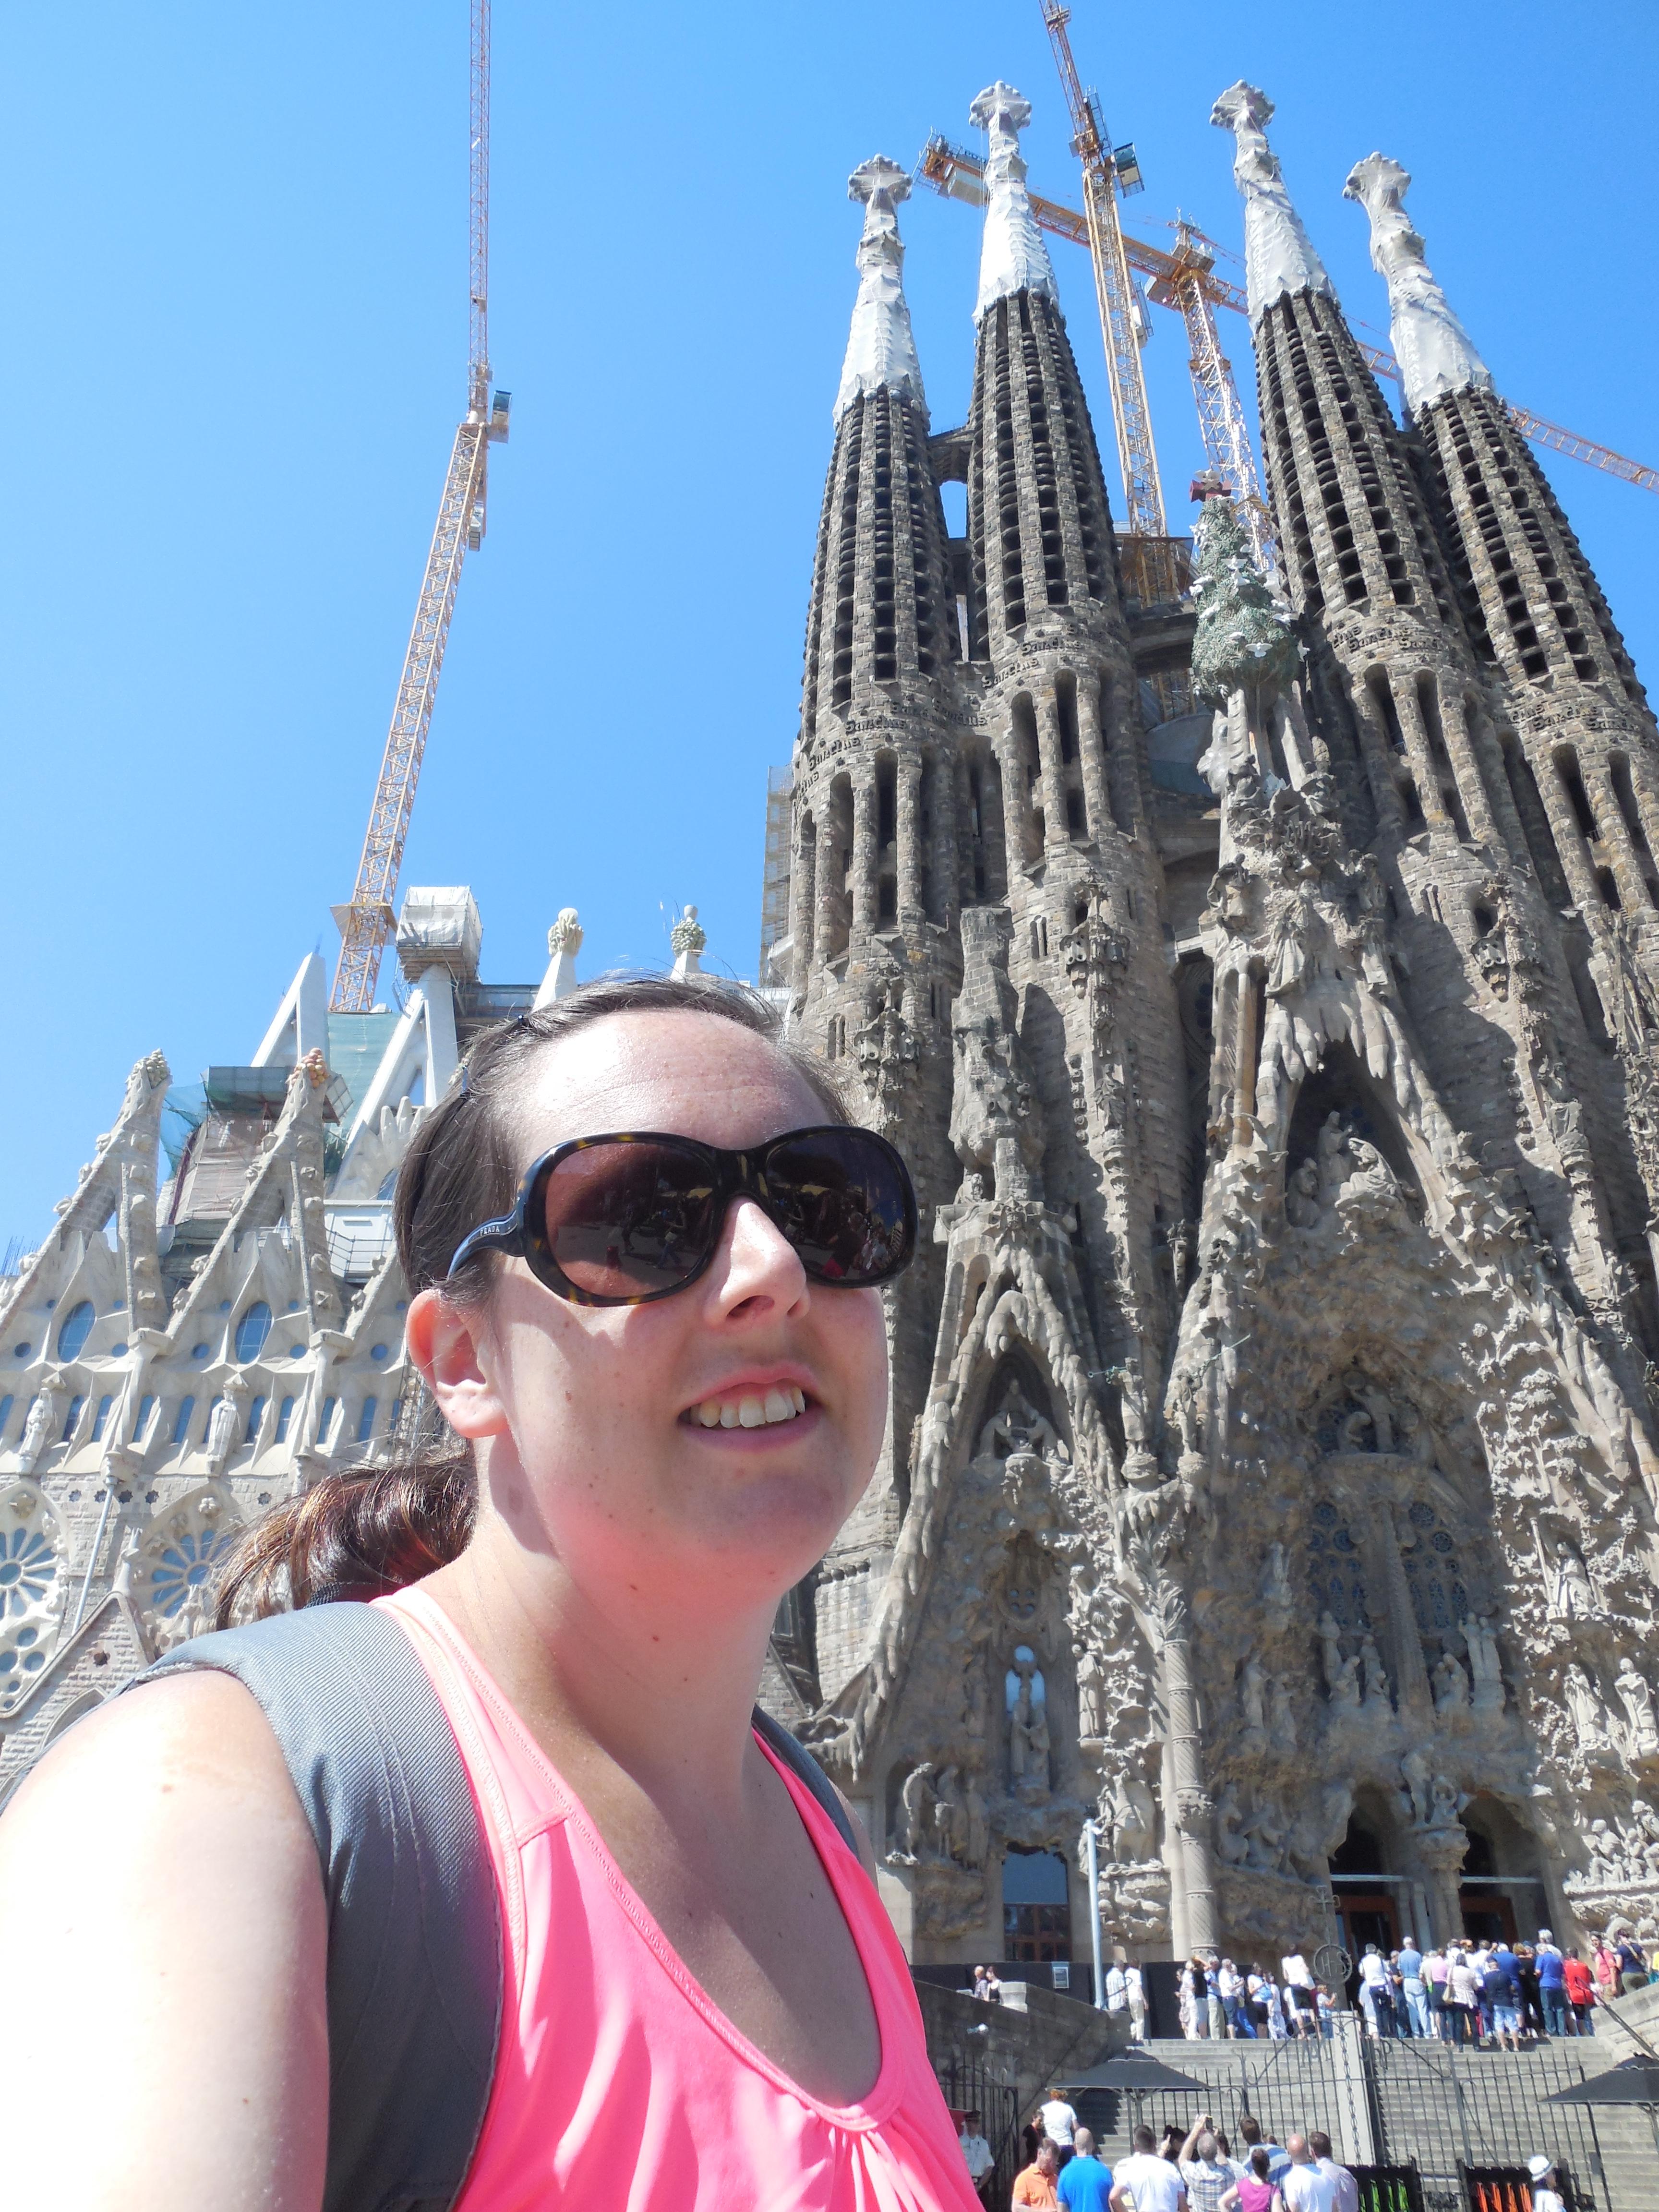 Sagrada Familia: La Sagrada Familia, Barcelona